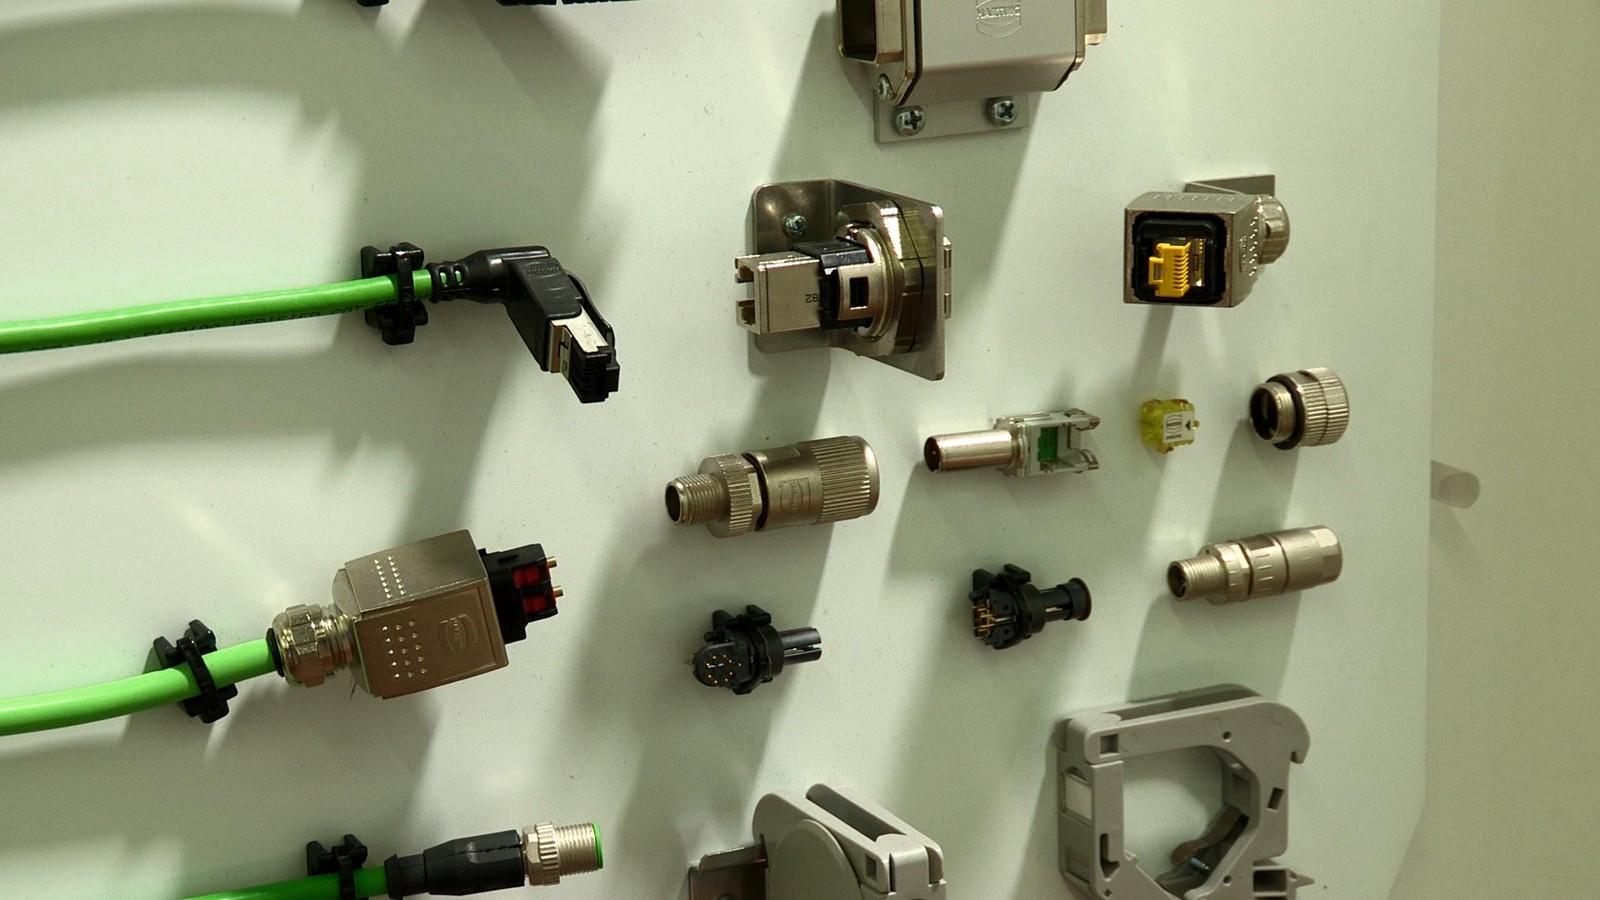 Die Palette an Produkten und Lösungen, die Harting anbietet, werden in den verschiedensten Industrien und Branchen eingesetzt, darunter auch in der Automation, im Maschinenbau und in der Robotik sowie in der Transportindustrie und Energiebranche.